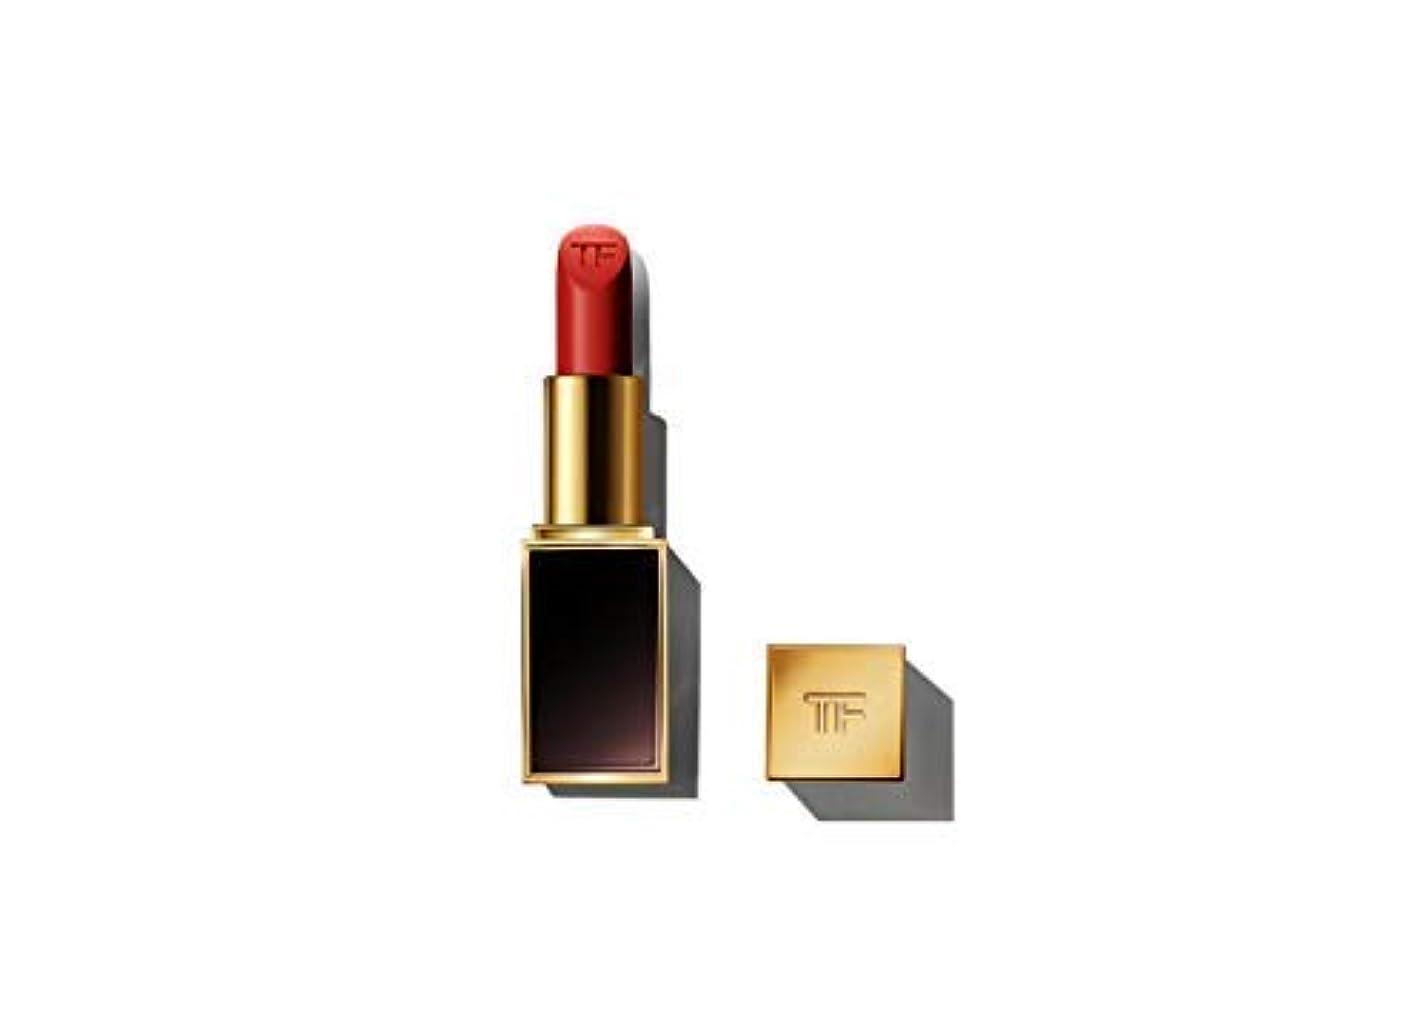 放棄された感覚きょうだいTom Ford Lipstick Lip Color Matte Made in Belgium 3 g - 07 Ruby Rush?/ トムフォードリップスティックリップカラーマットベルギー製3 g - 07ルビーラッシュ